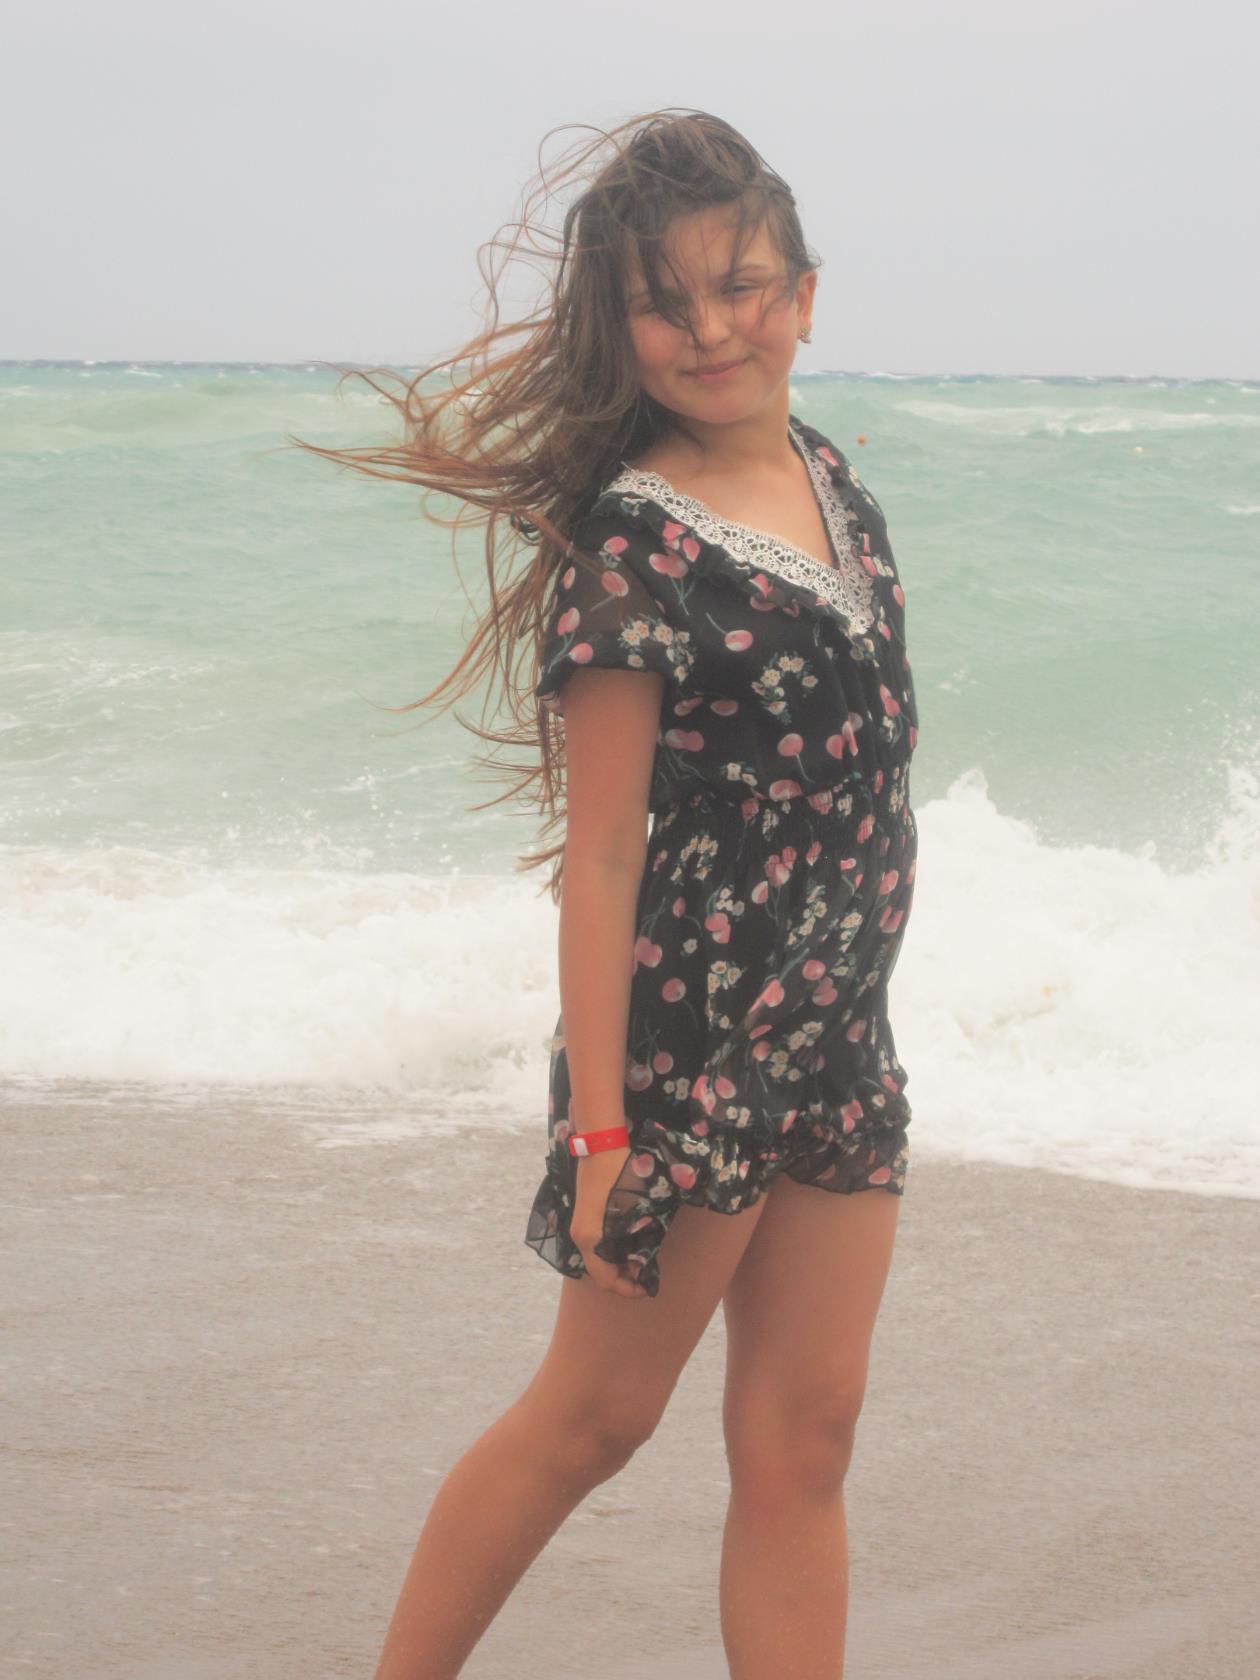 София и море. Привет из отпуска!